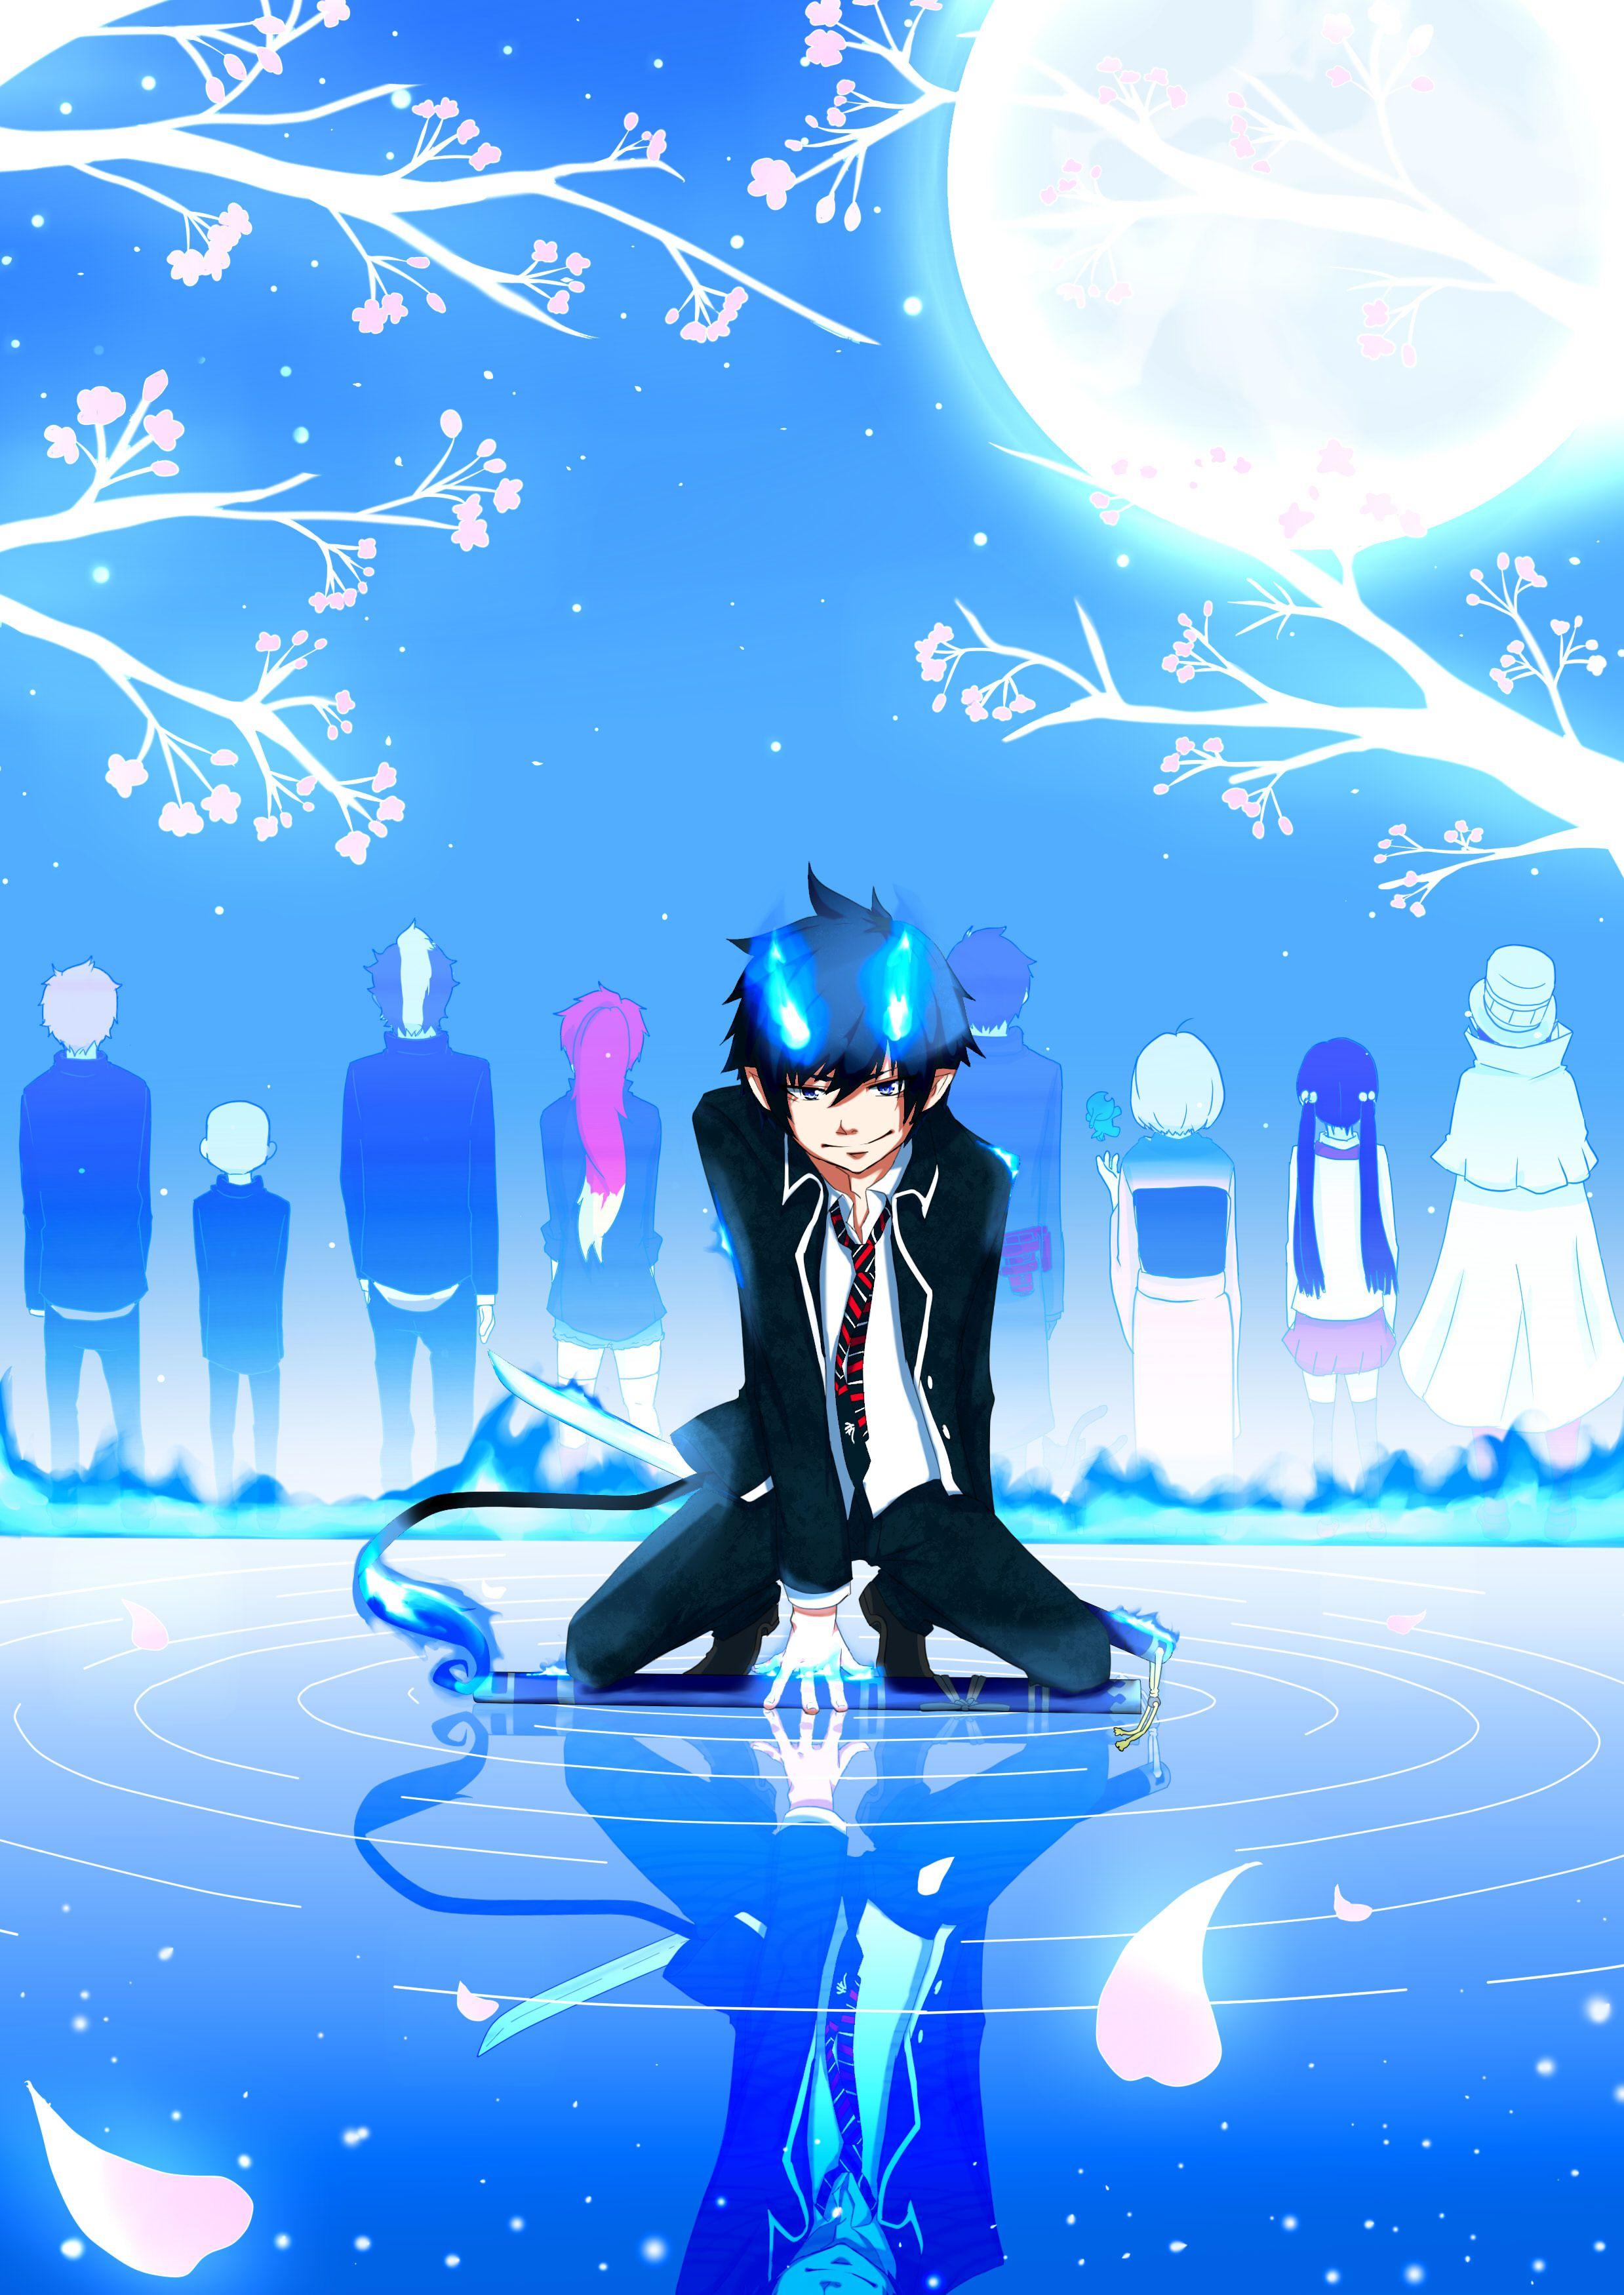 Blue Exorcist Blue exorcist anime